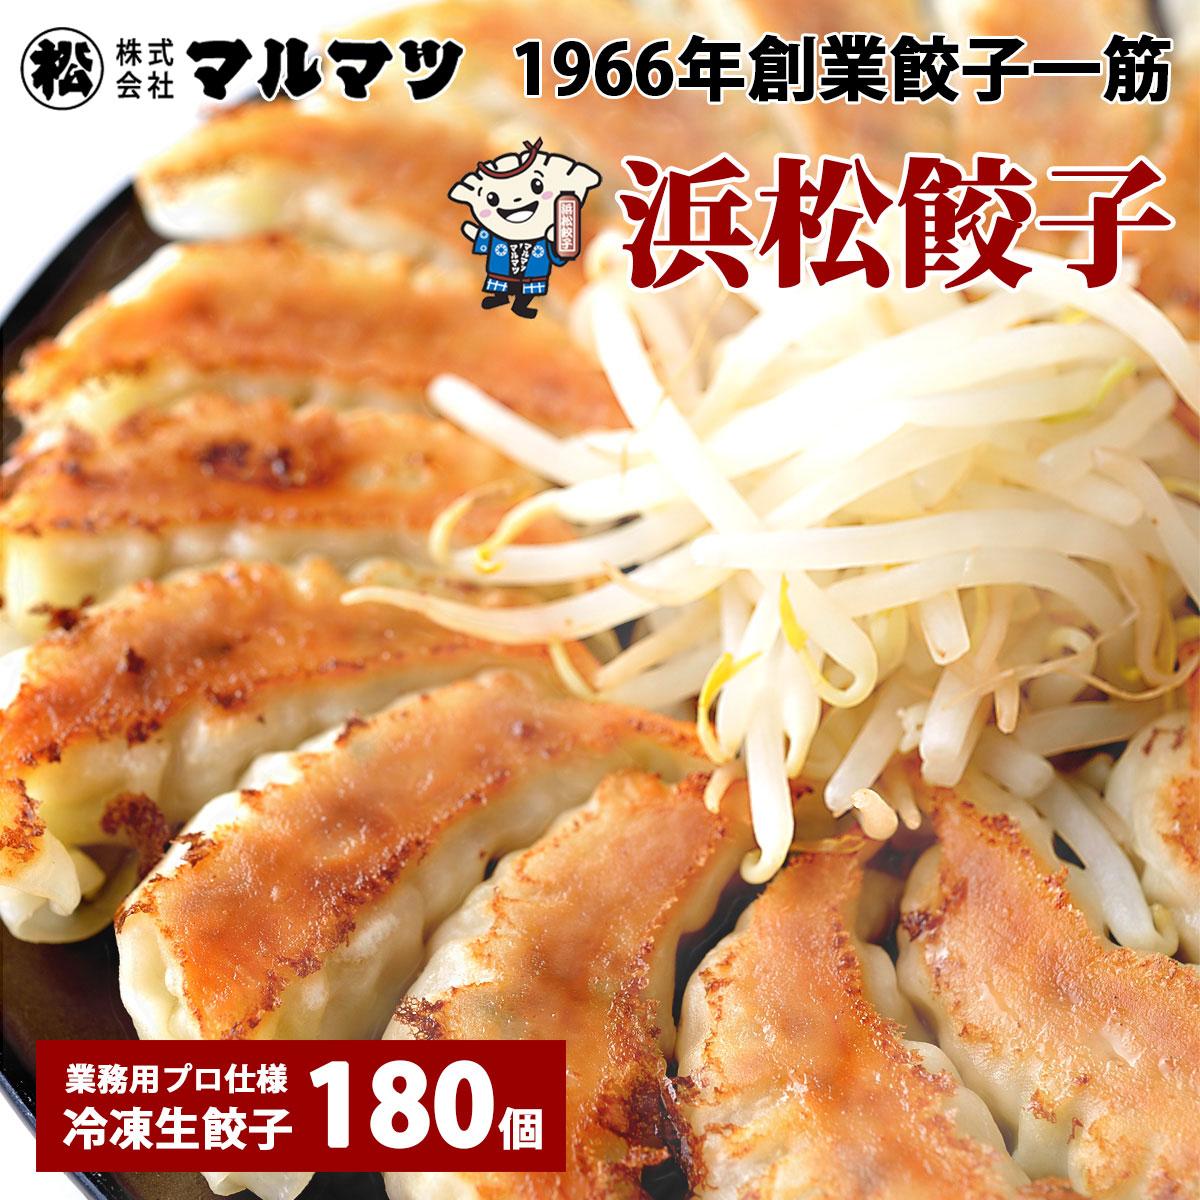 浜松餃子 味自慢